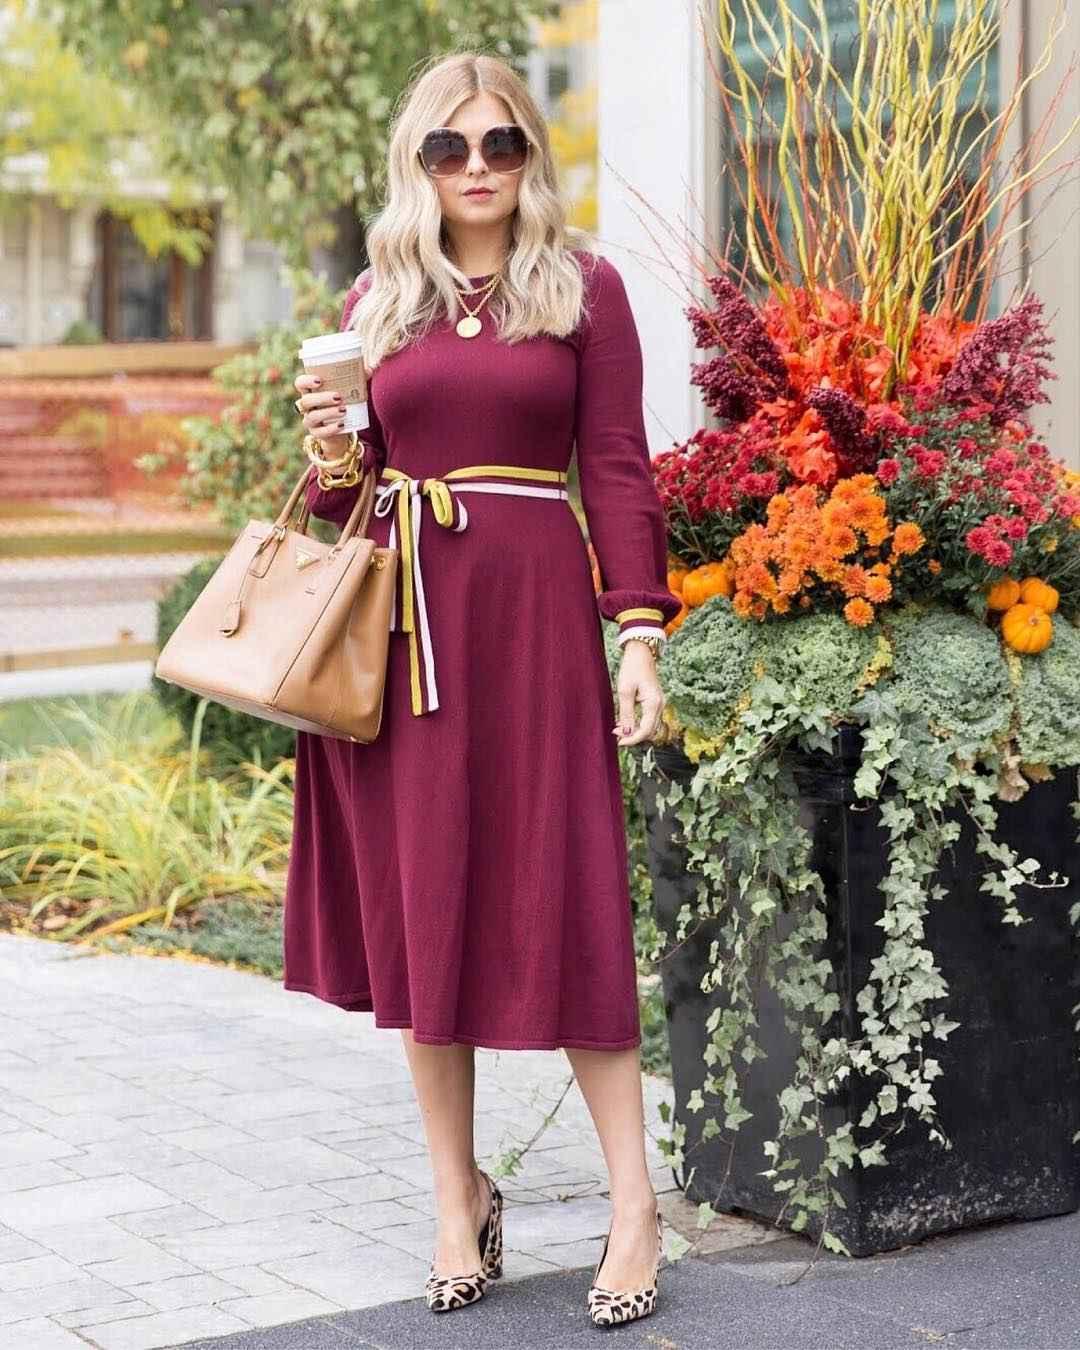 Деловые платья для женщин 40-50 лет фото идеи_3